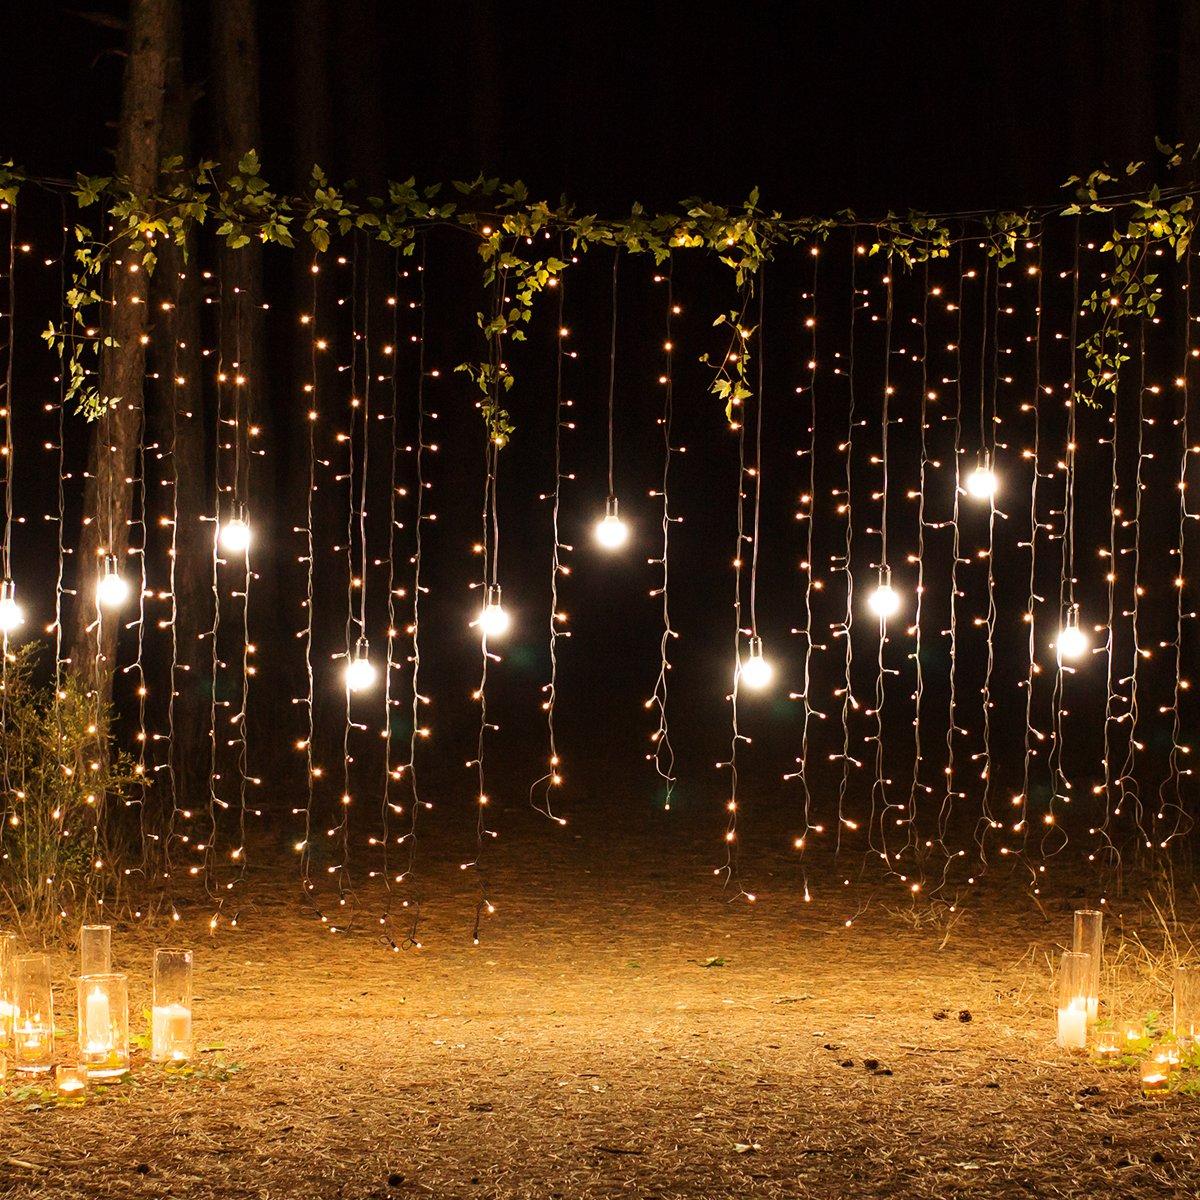 Sunix Catene Luminose LED 4.5M LED Bianco Caldo Stringa LED con Adattatore, Striscia Luce Filo di Rame per Uso Interno e Esterno per Decorazioni Festive e Natale [Classe di efficienza energetica A+]